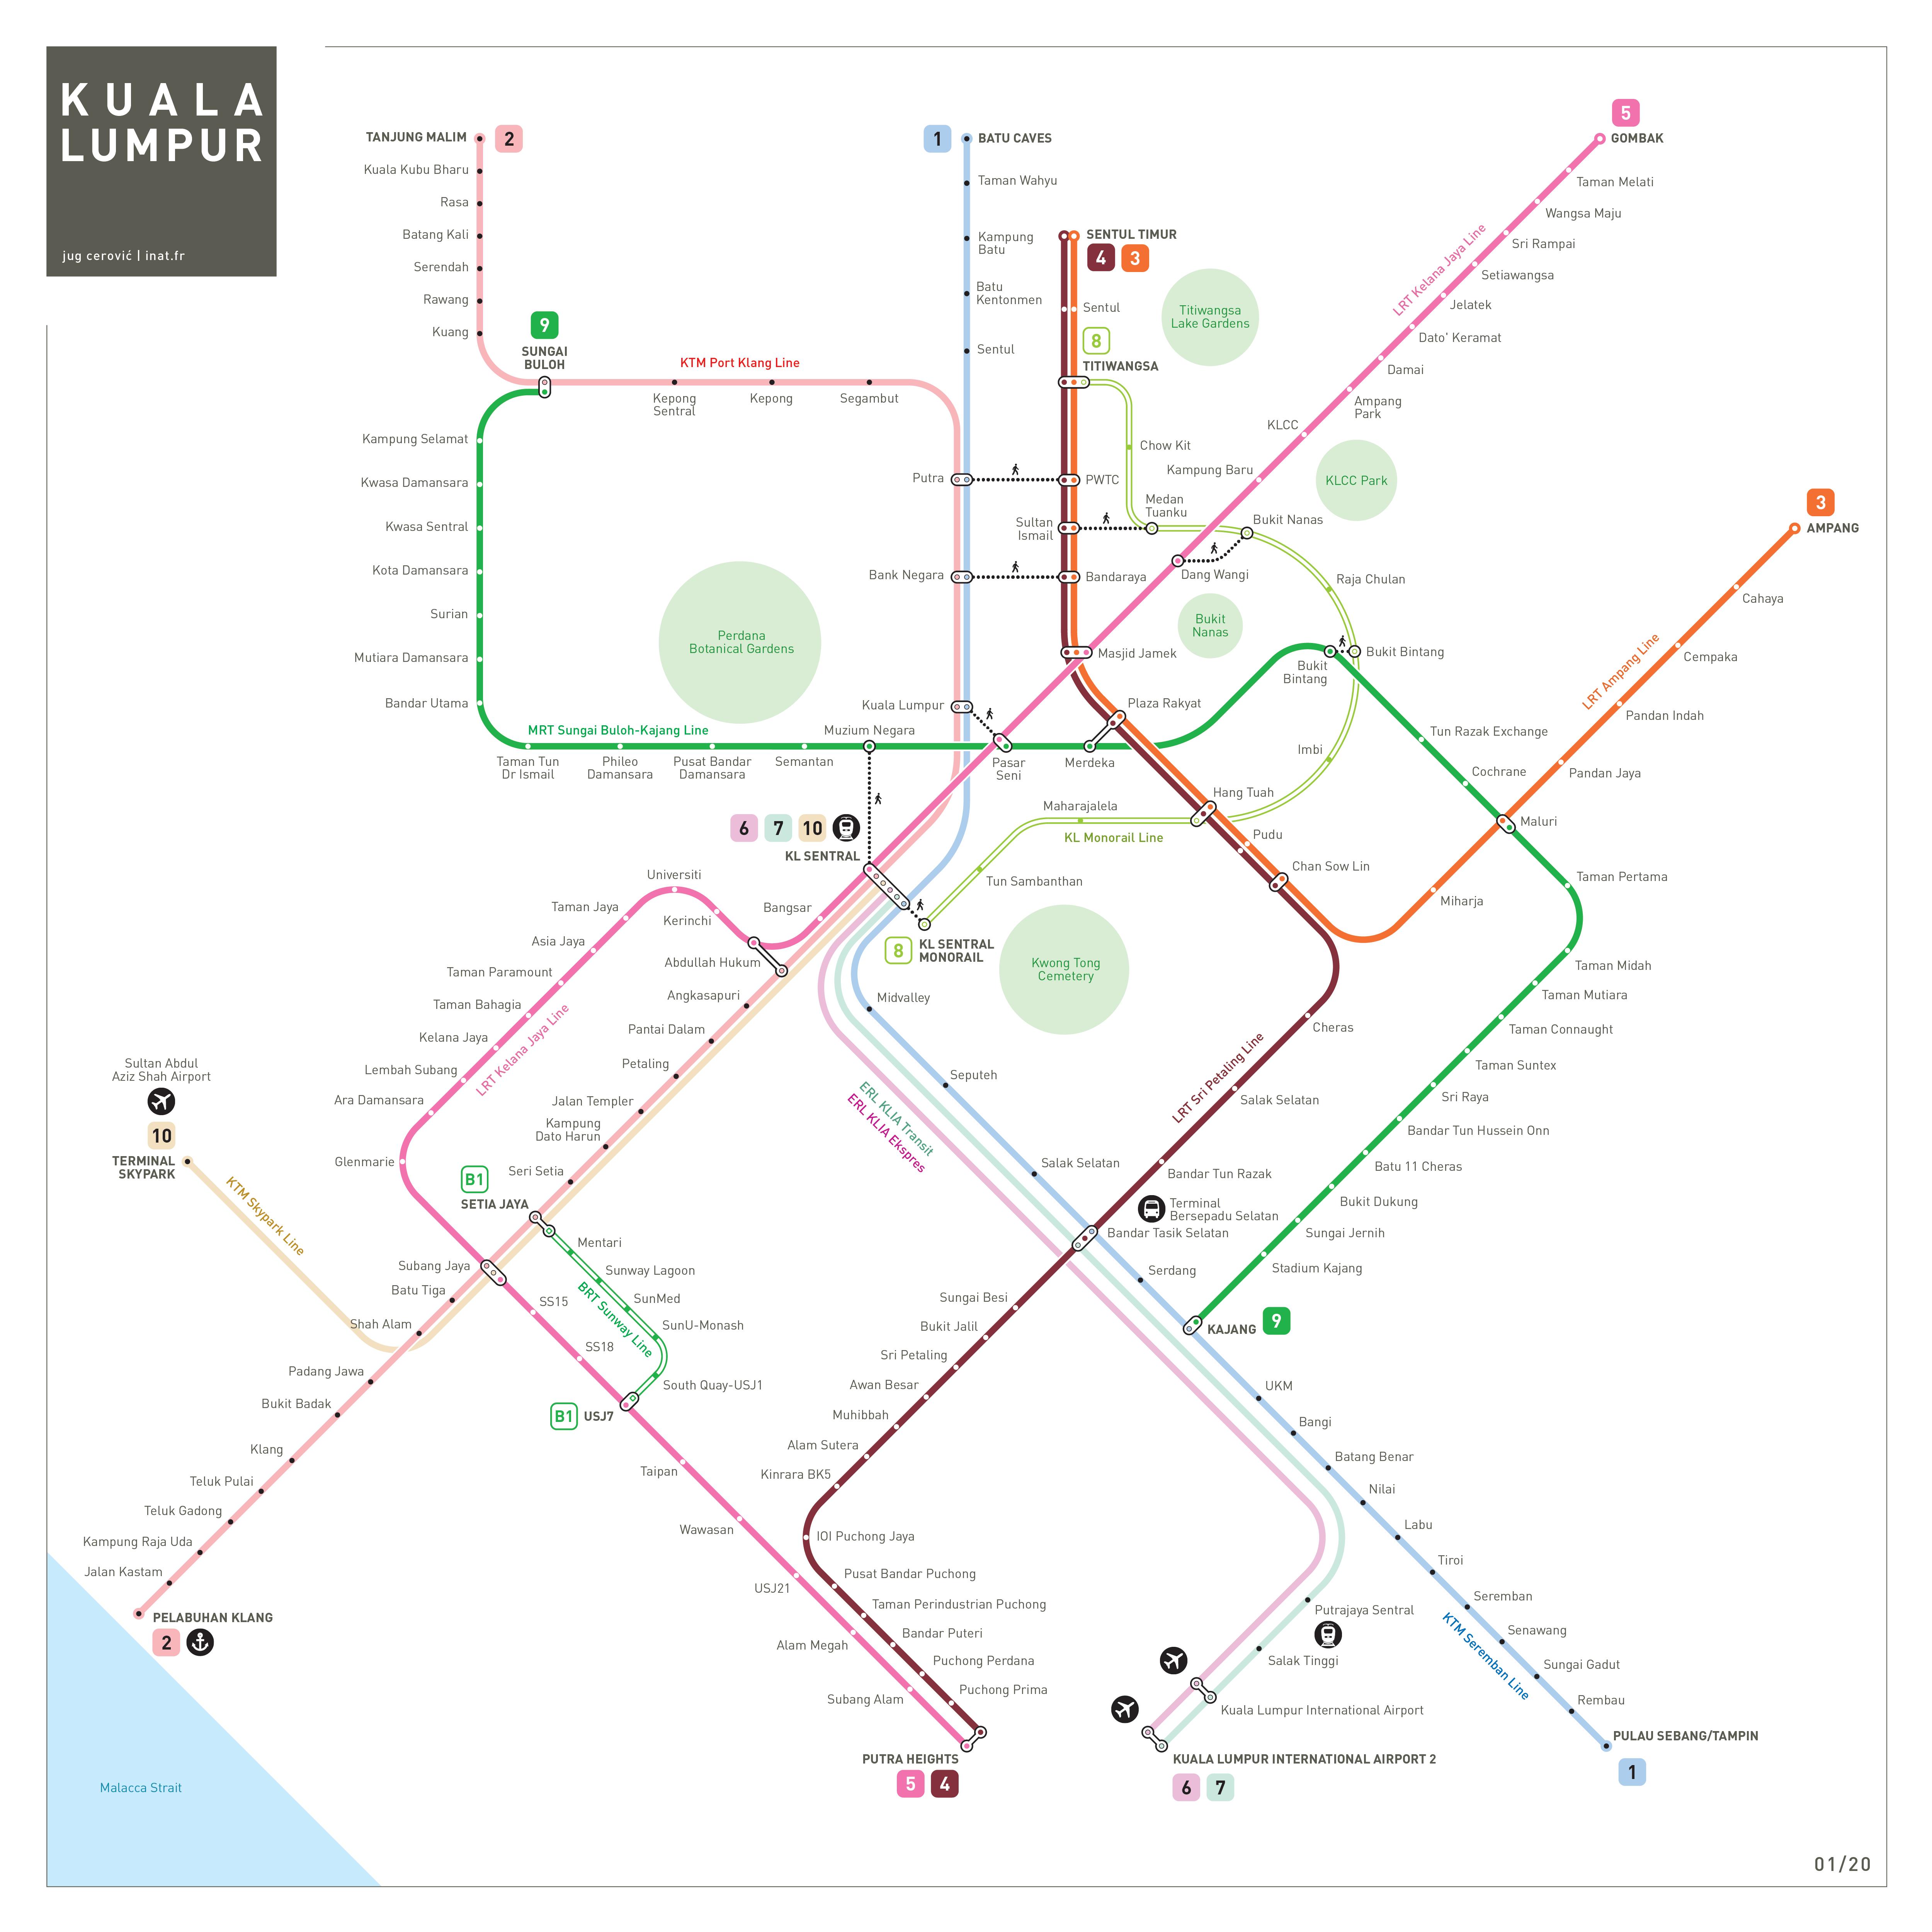 Kuala Lumpur metro subway map